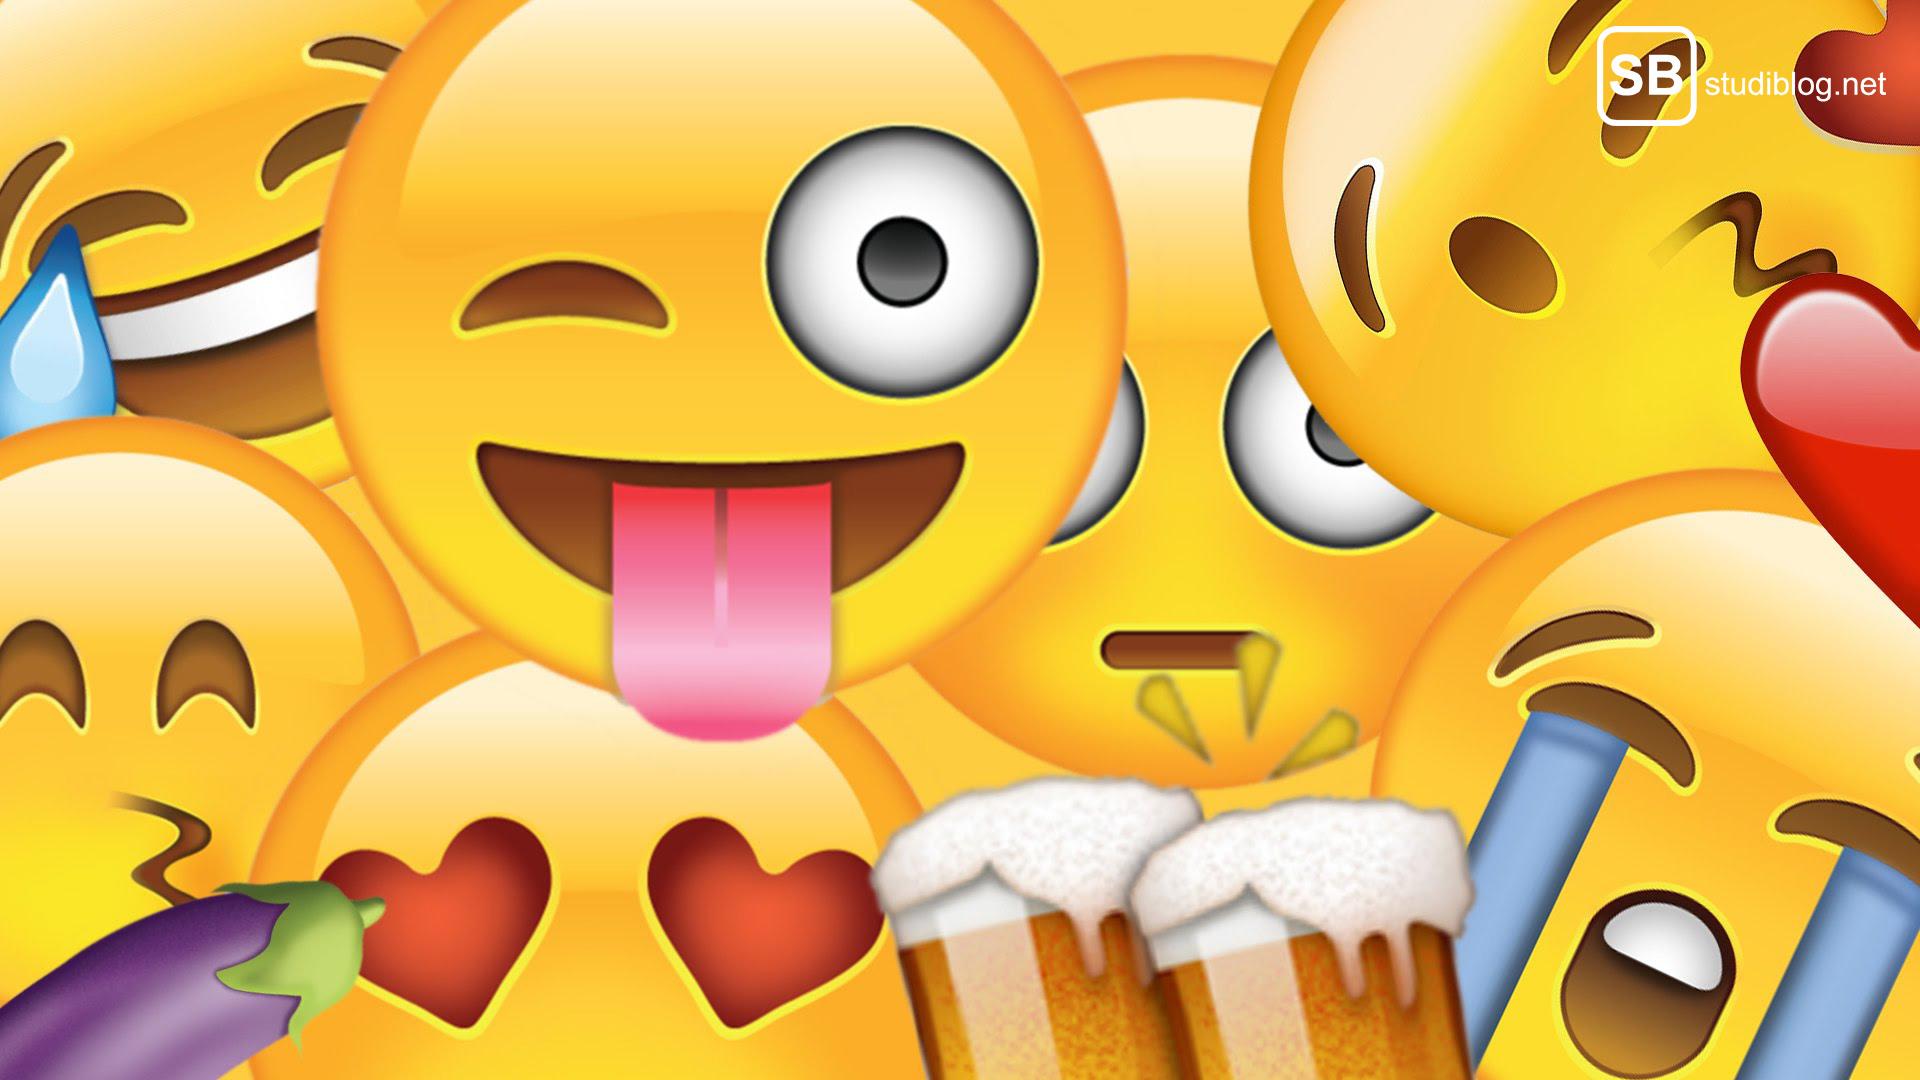 Verschiedene Standard Emojis.